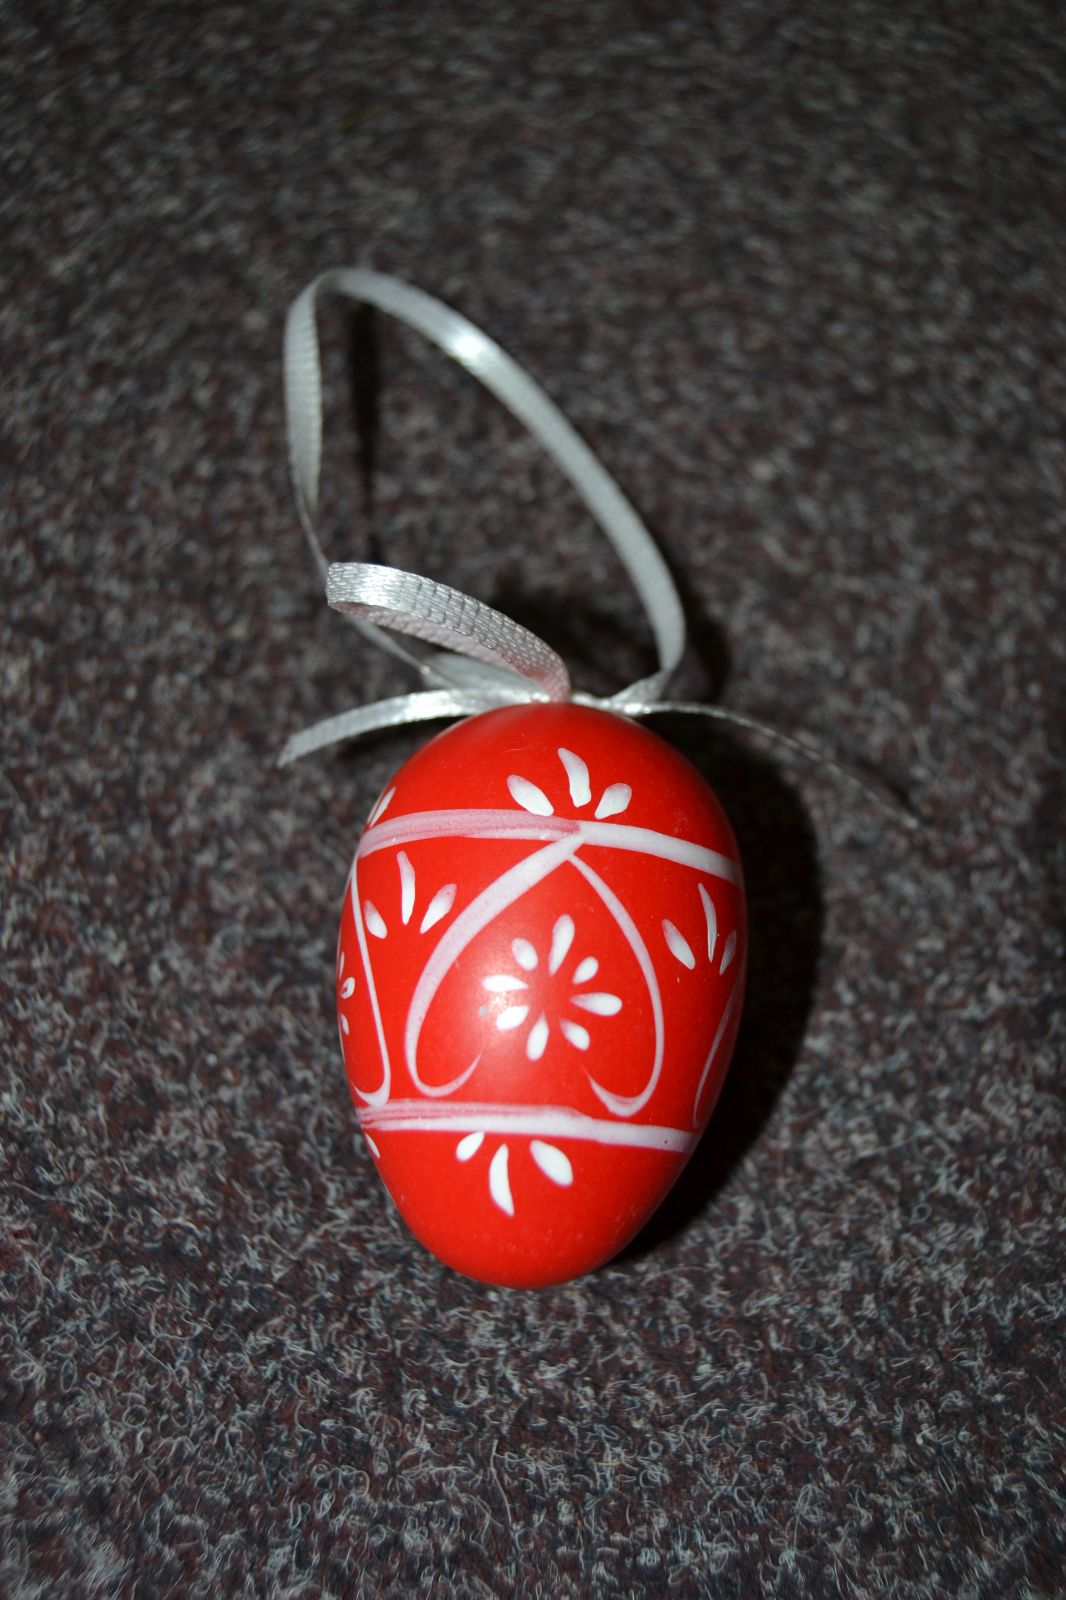 Velikonoční kraslice č. 3 - 6cm, vajíčko, vejce